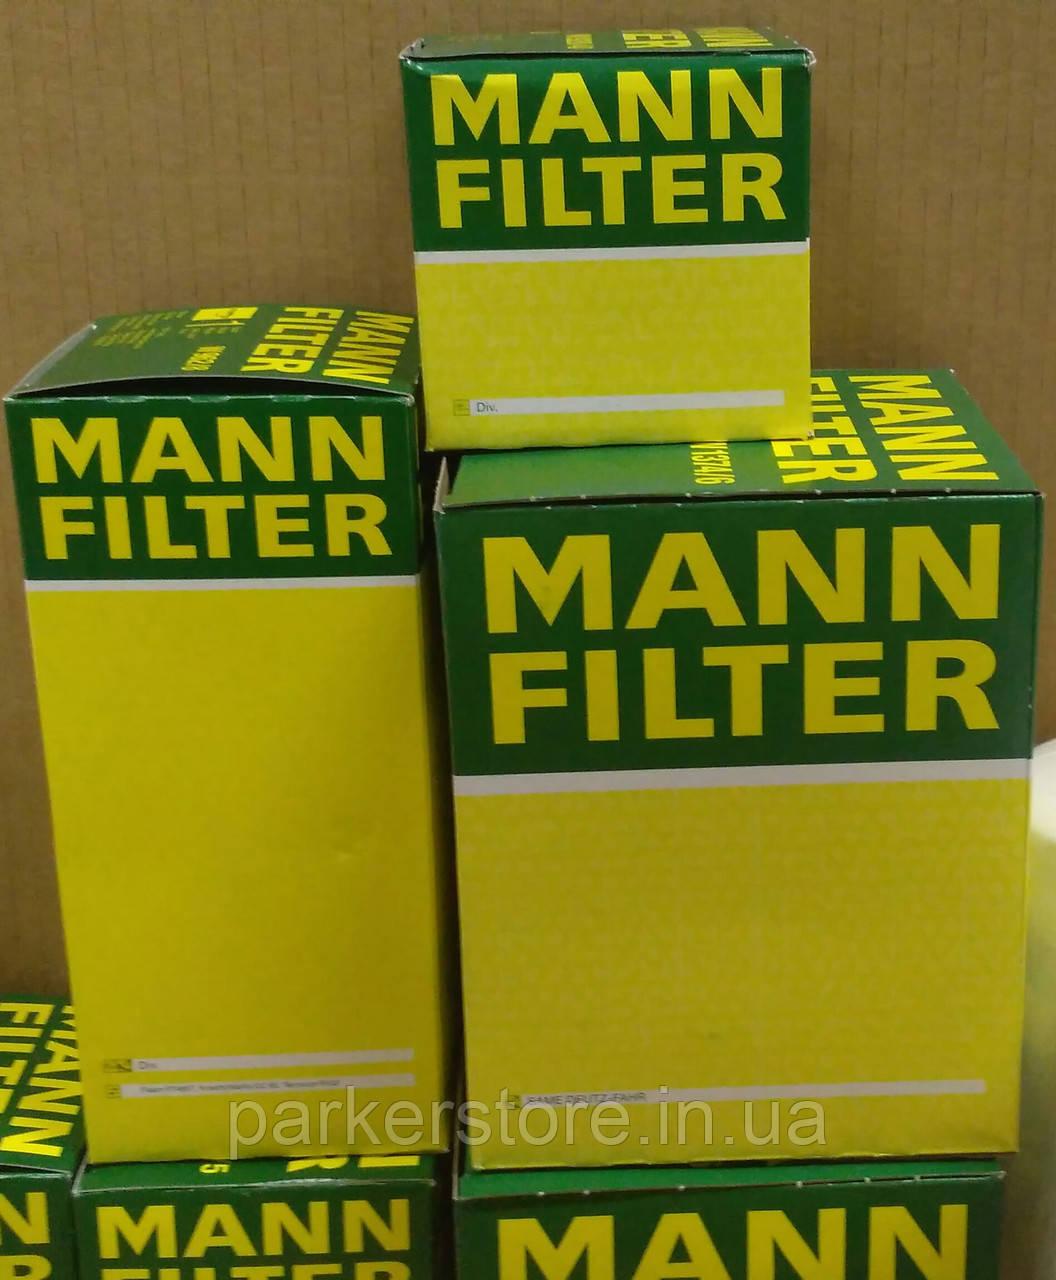 MANN FILTER / Воздушный фильтр / C 17 124 / C17124